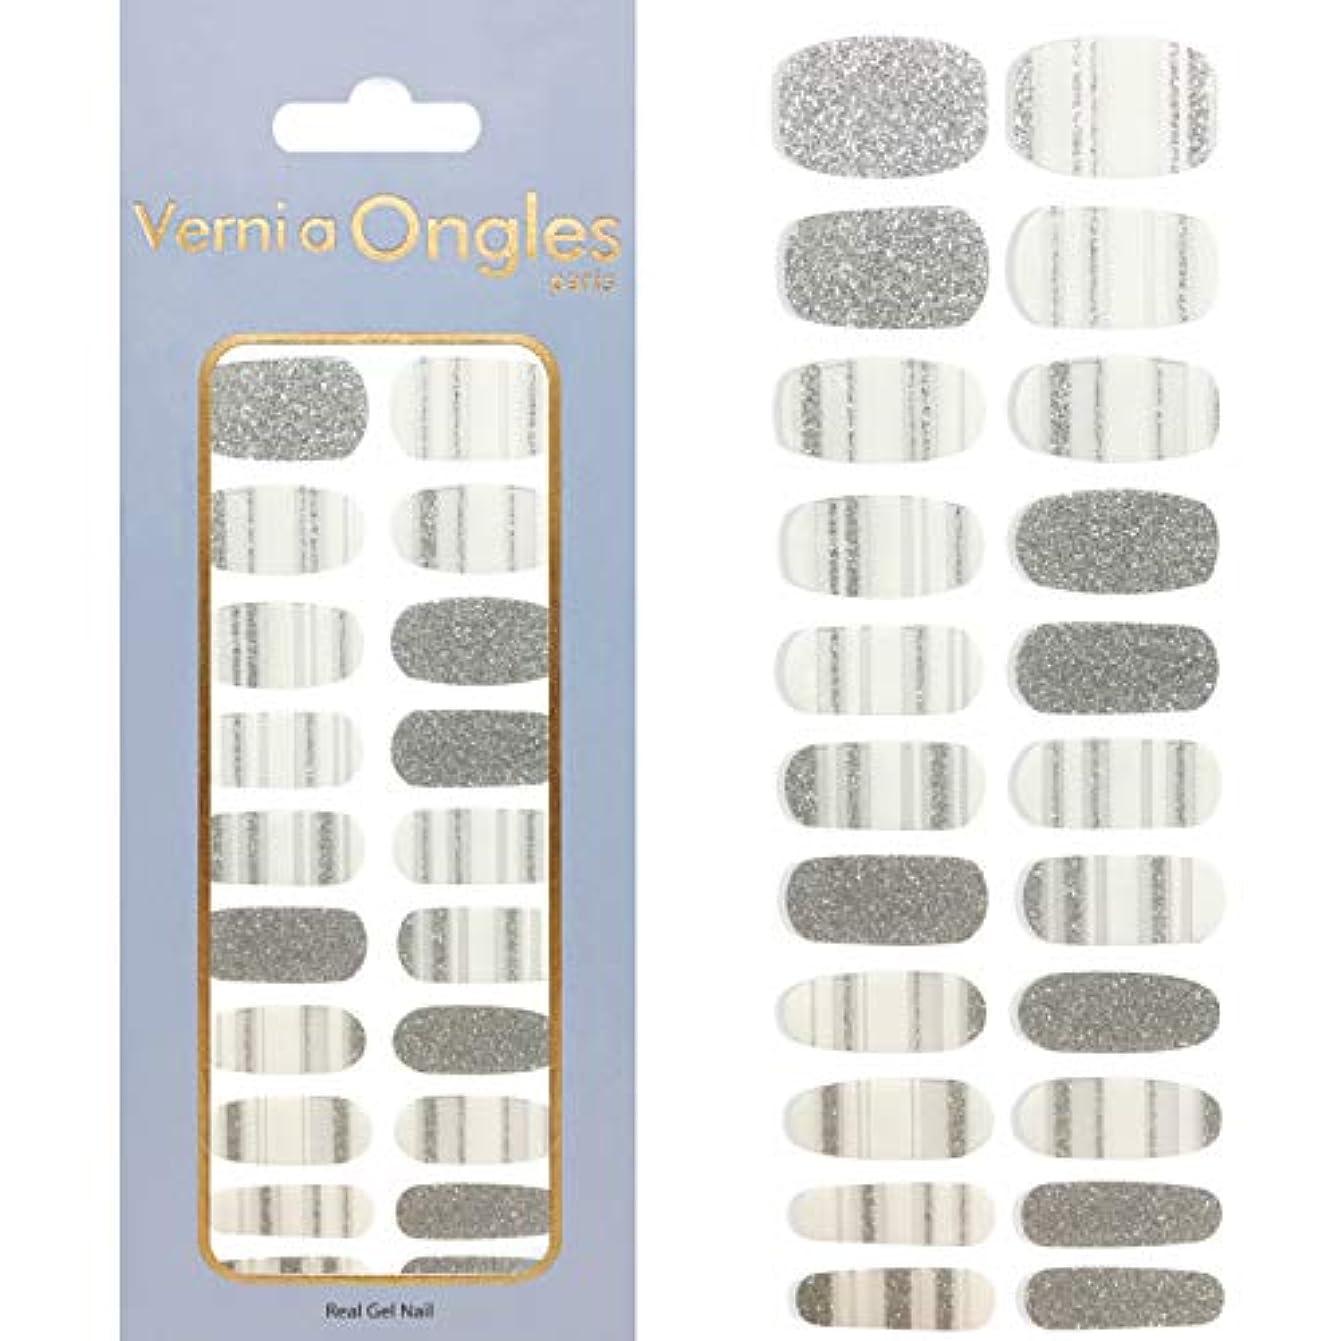 しょっぱいコーン石鹸Verni a Ongles ヴェルニアオングルス リアルジェルネイルステッカー V-3 (ネイルステッカー22枚?ネイルファイル1個付)